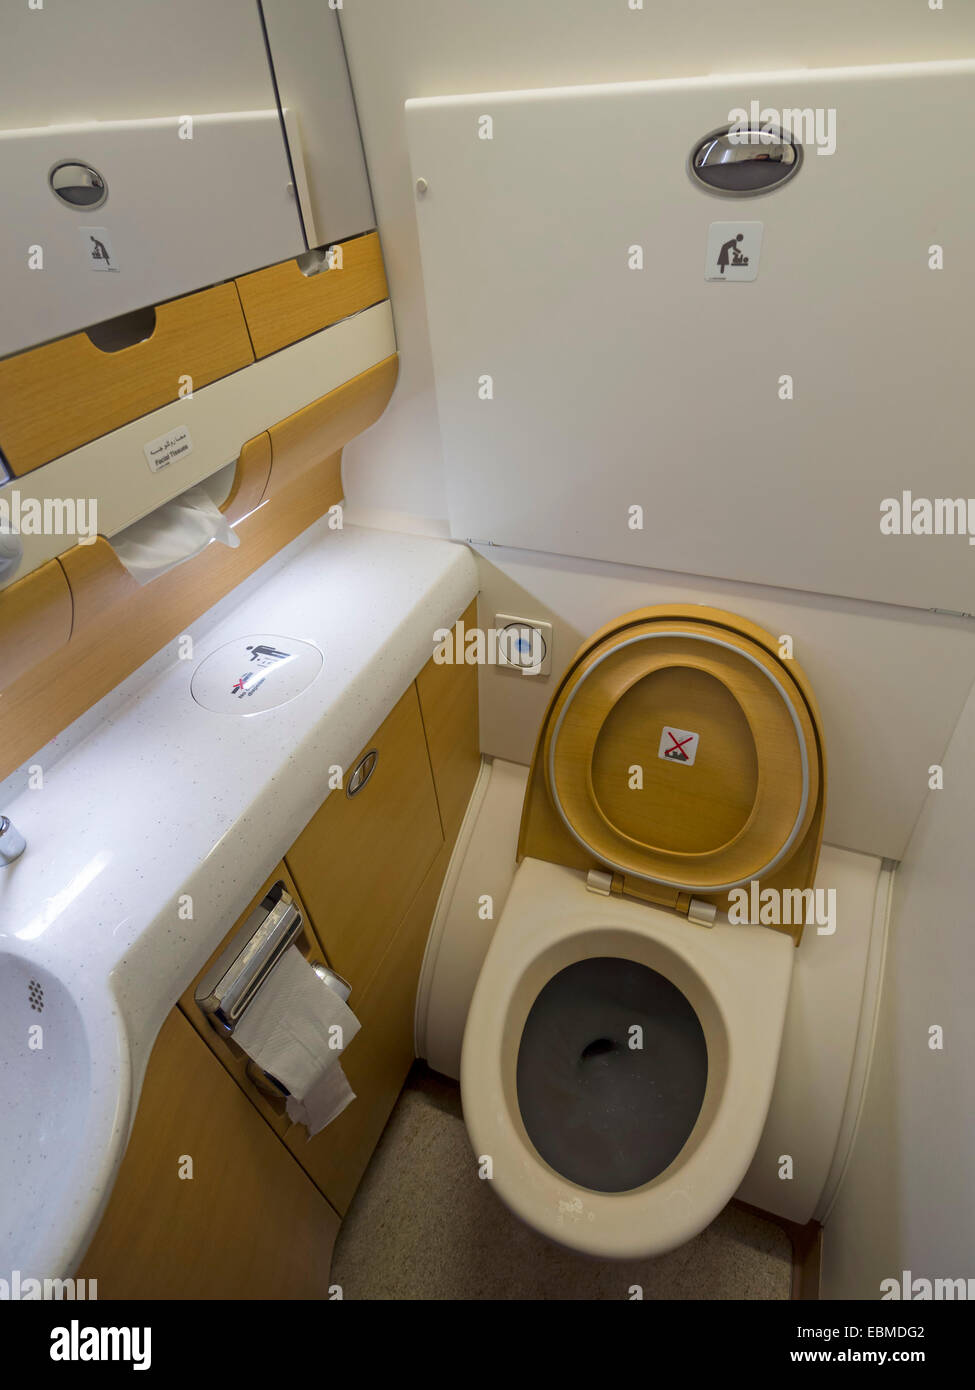 Airplane Washroom Toilet Wc Stock Photos & Airplane Washroom Toilet ...